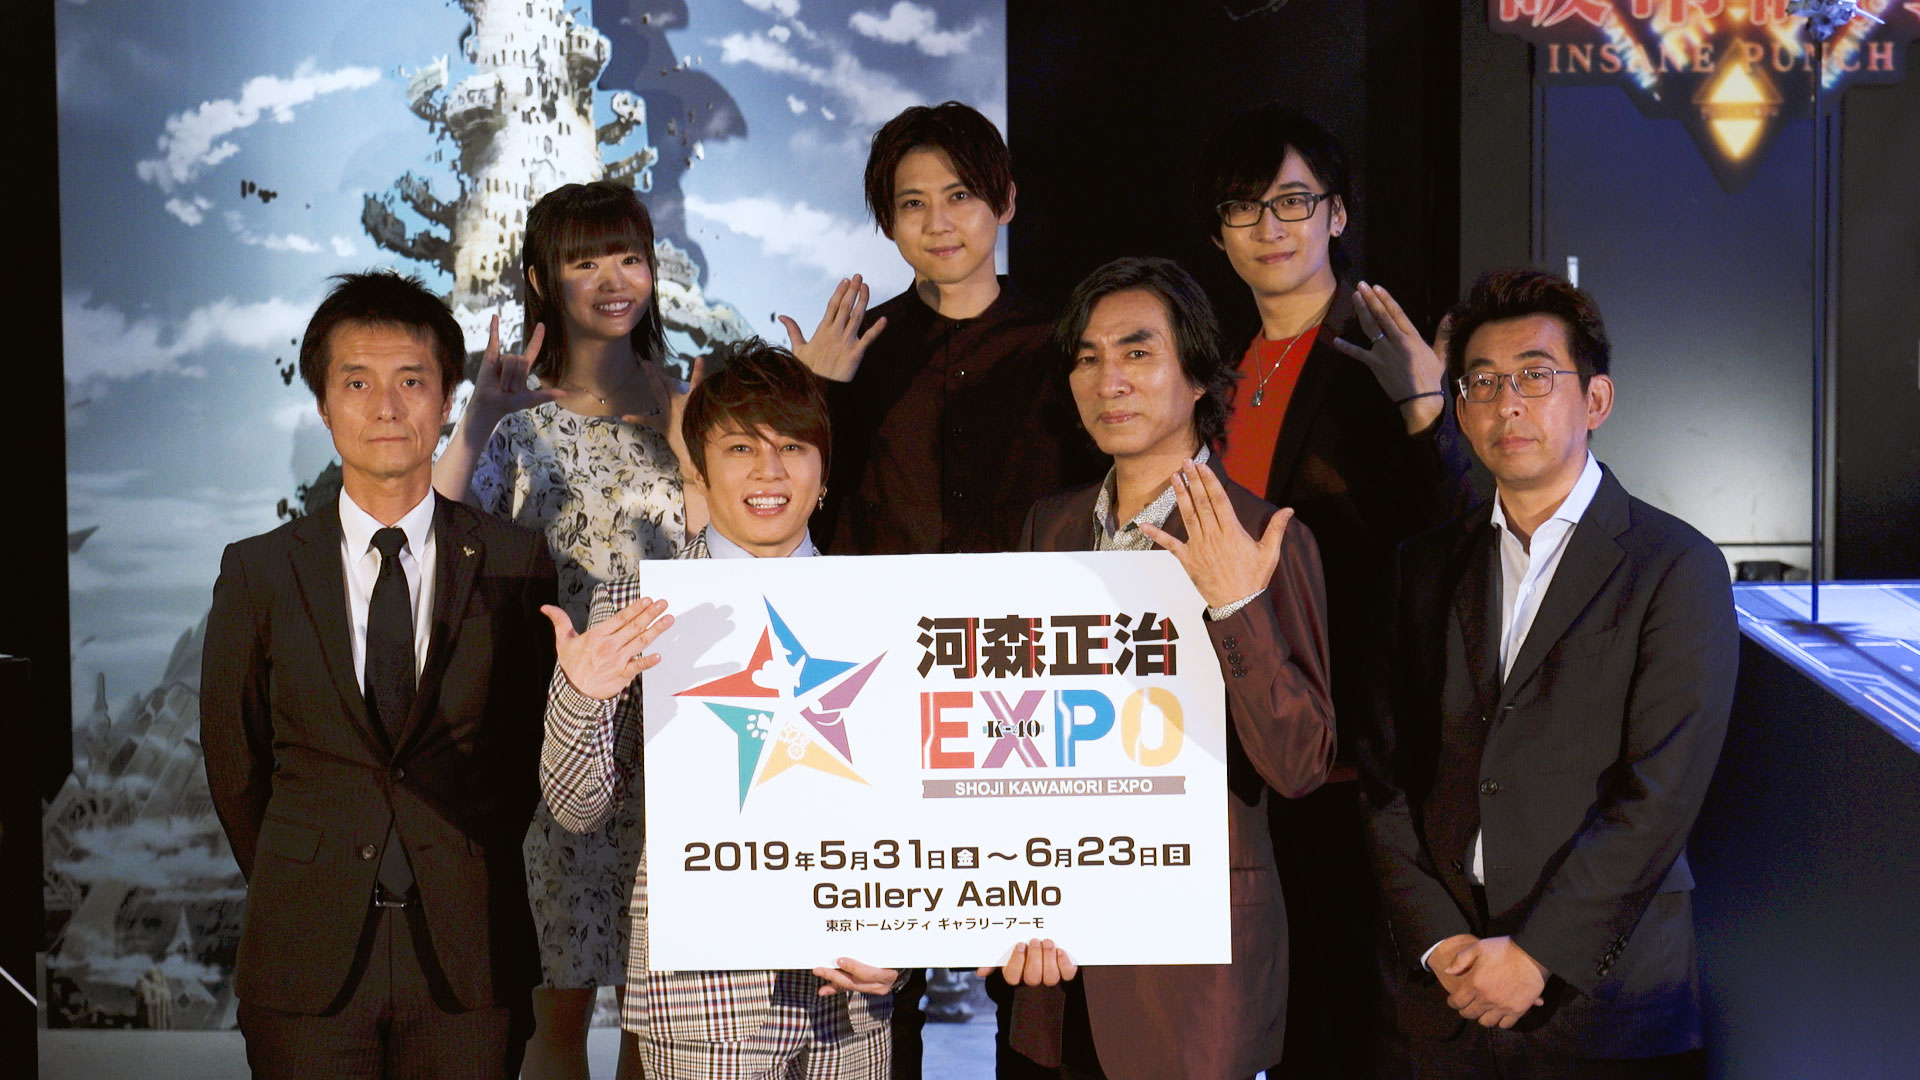 『河森正治 EXPO』が東京ドームシティにて開催